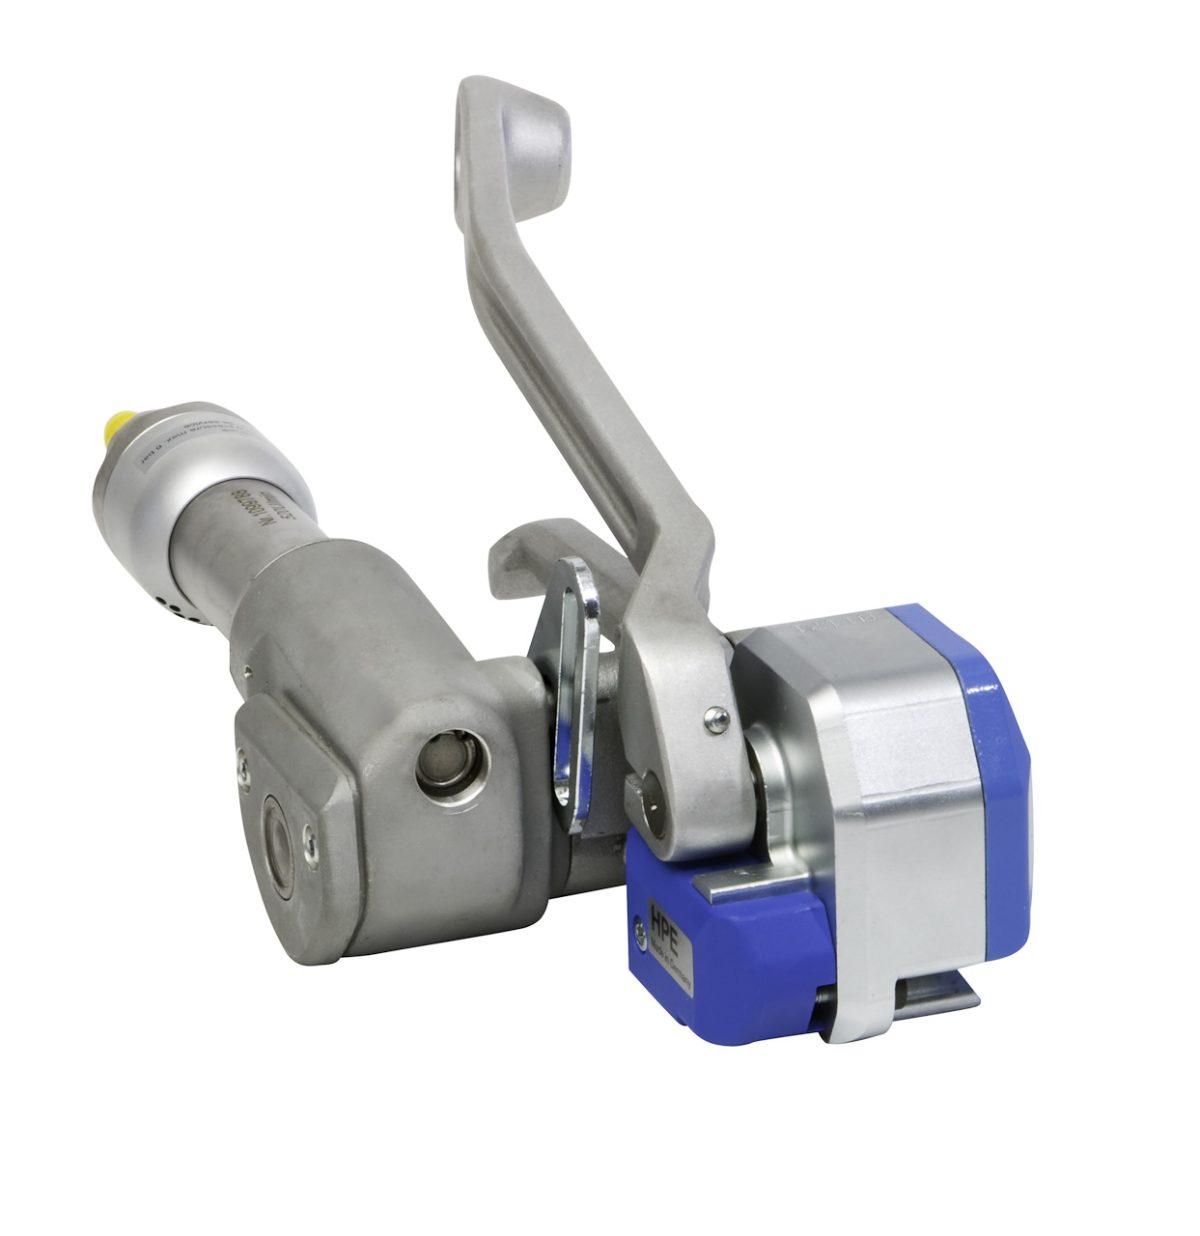 Maquina de Cintar com fita de aço pneumática HPE-L